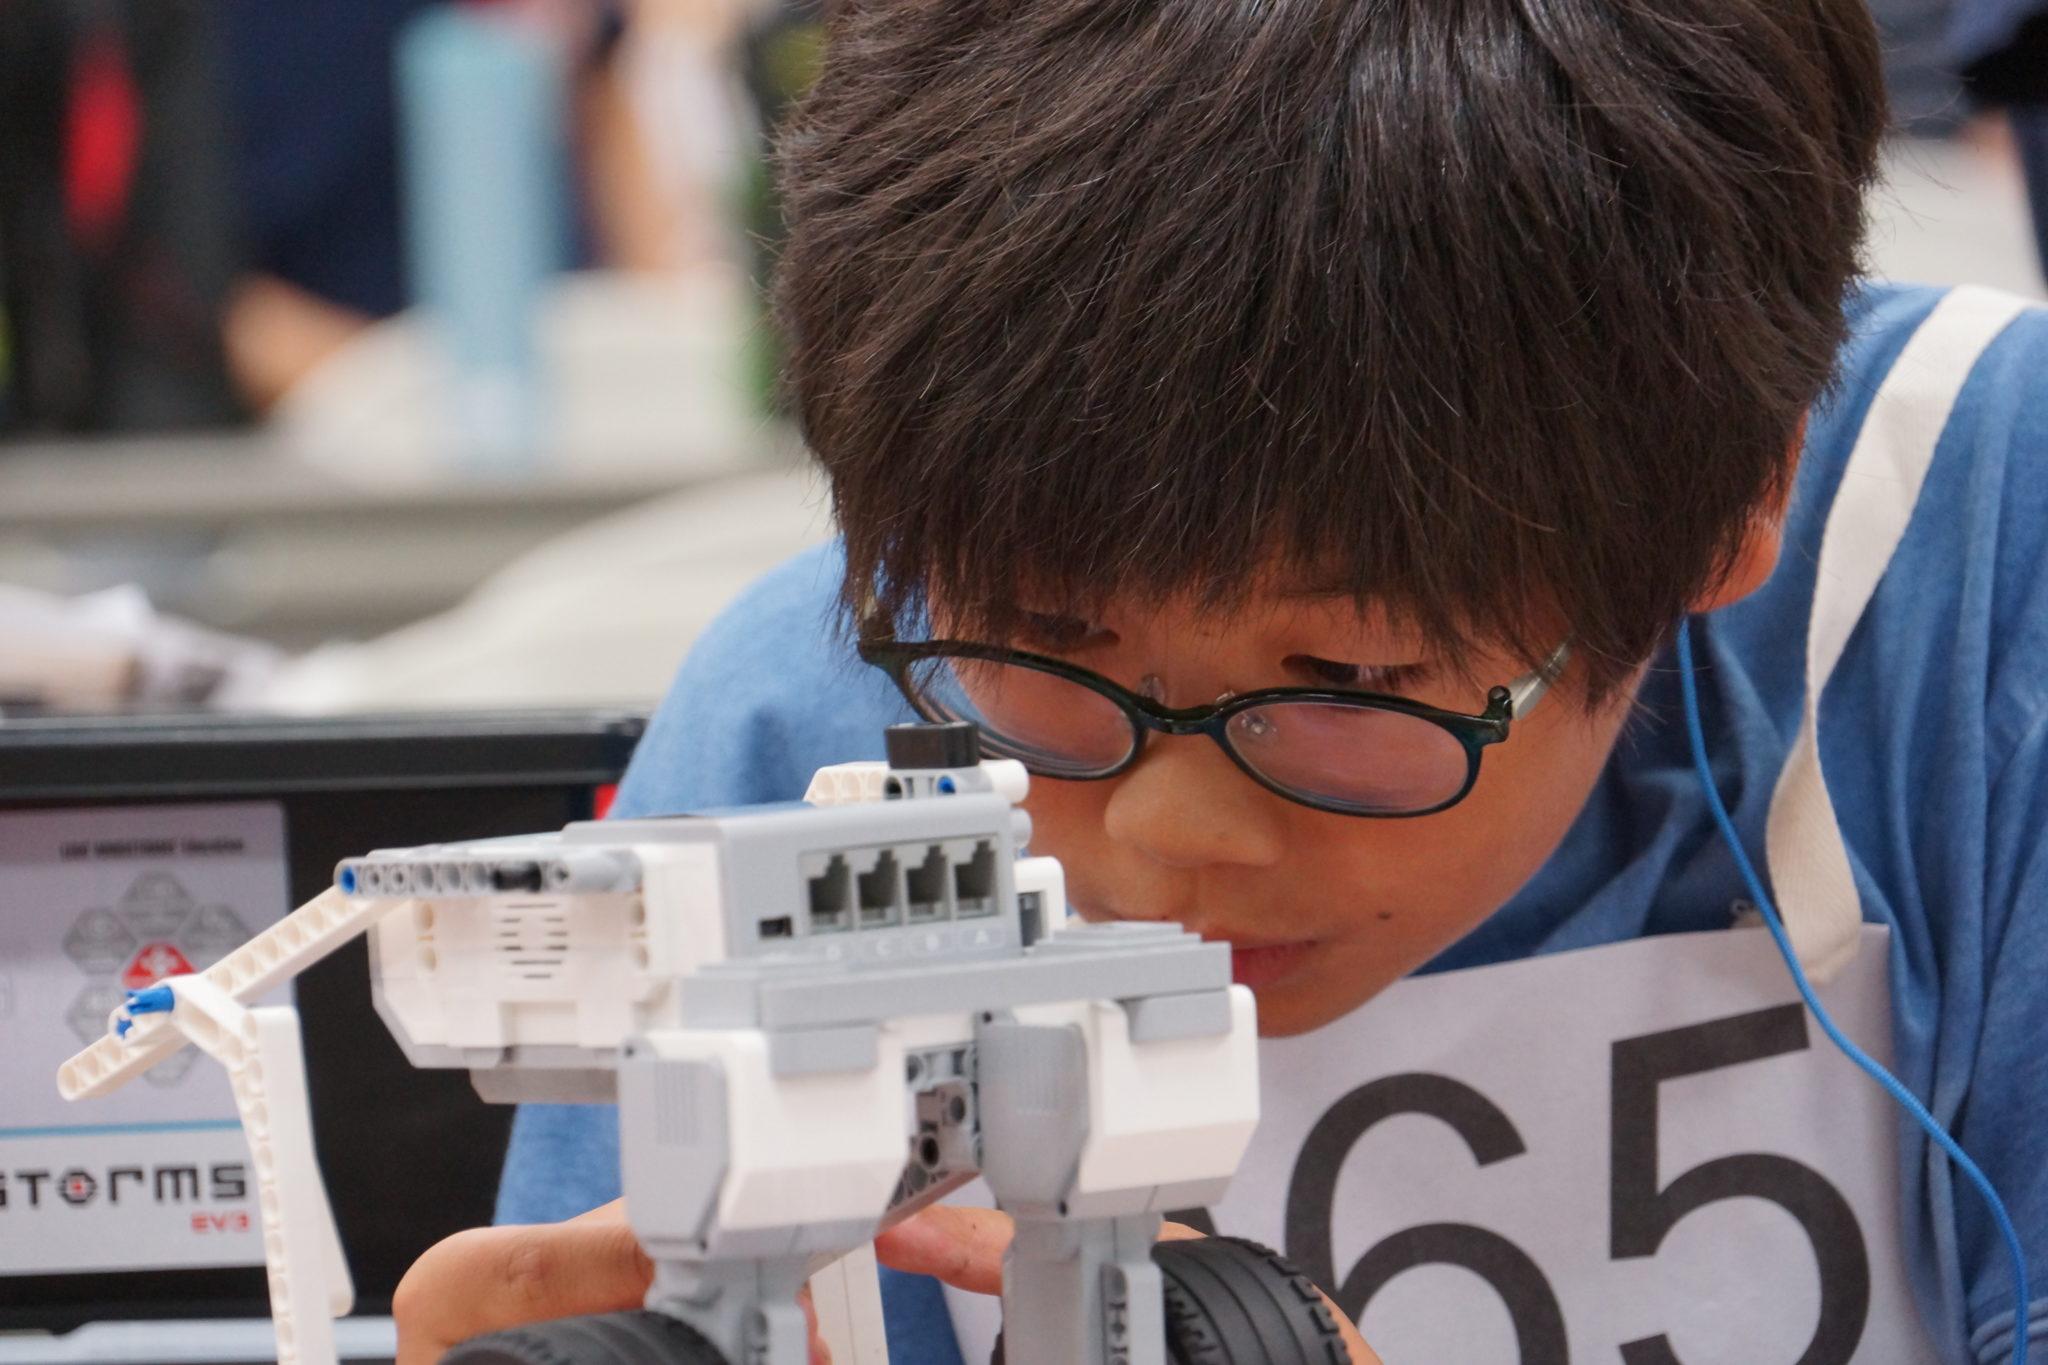 プログラム開発による自律型ロボットを使用